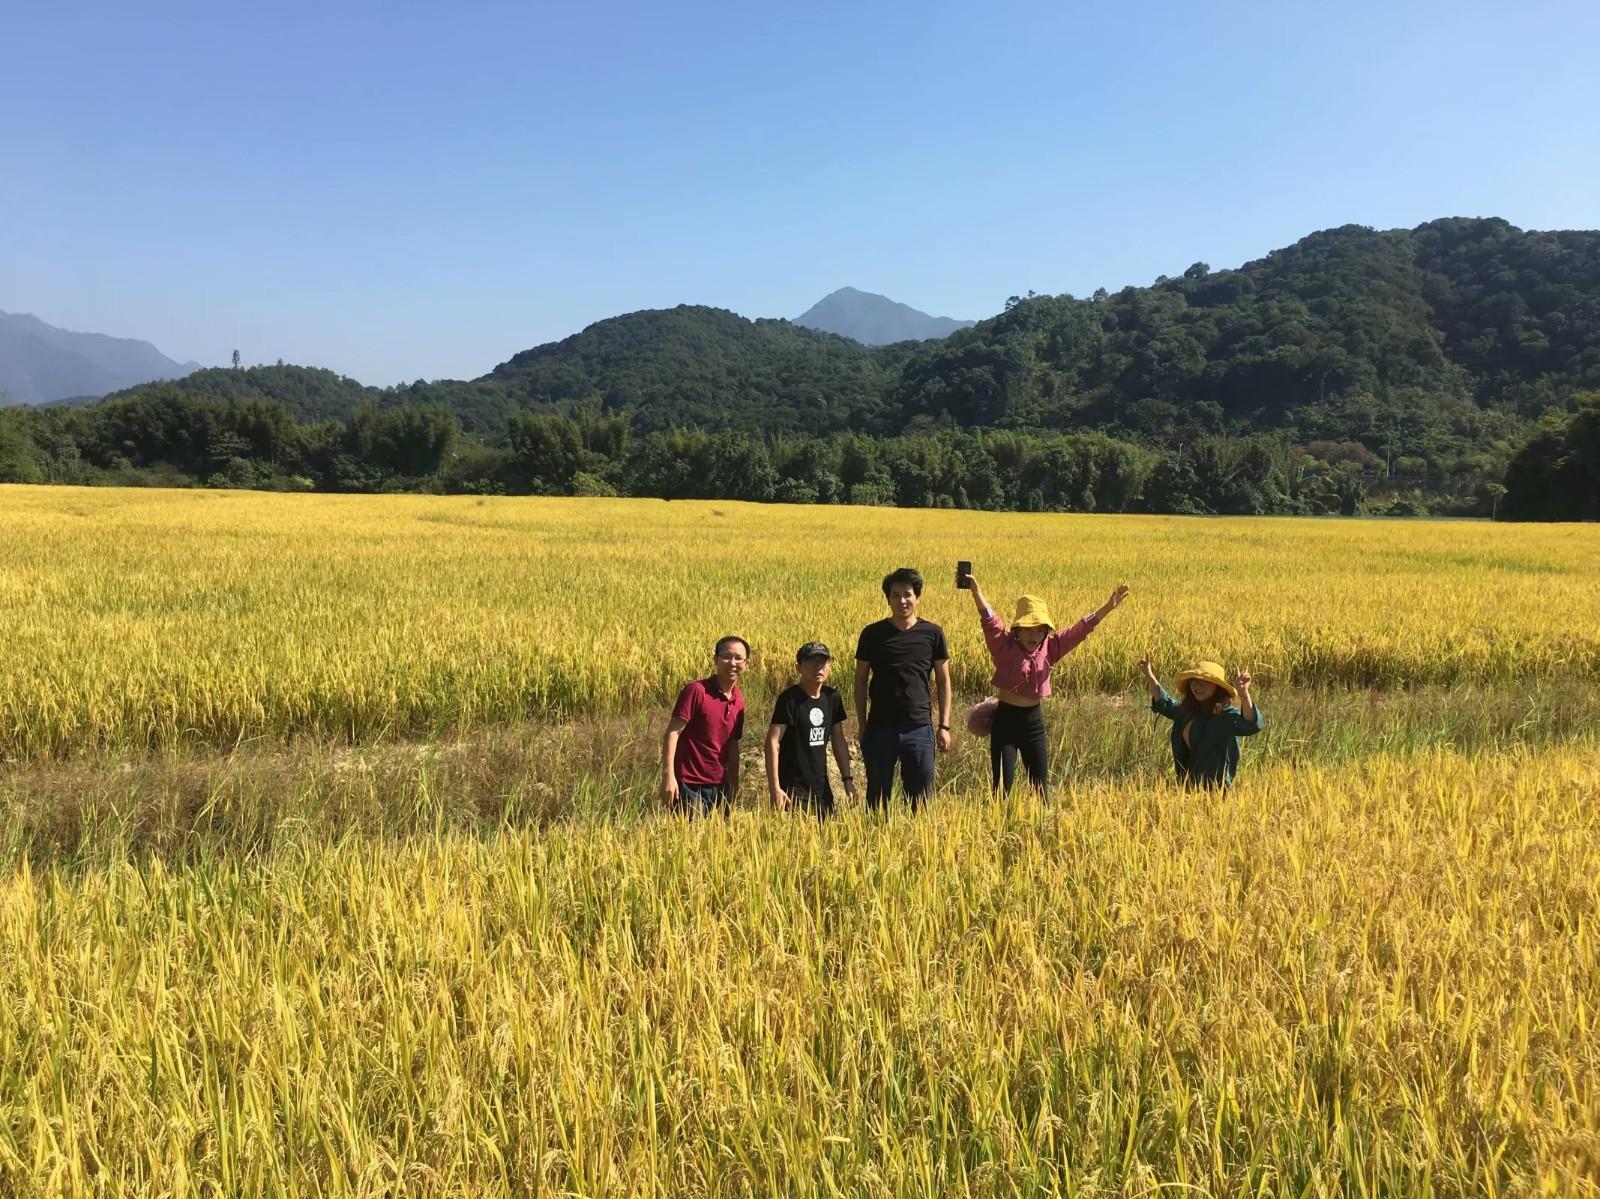 平安大厦 在农村 周陆军 稻田